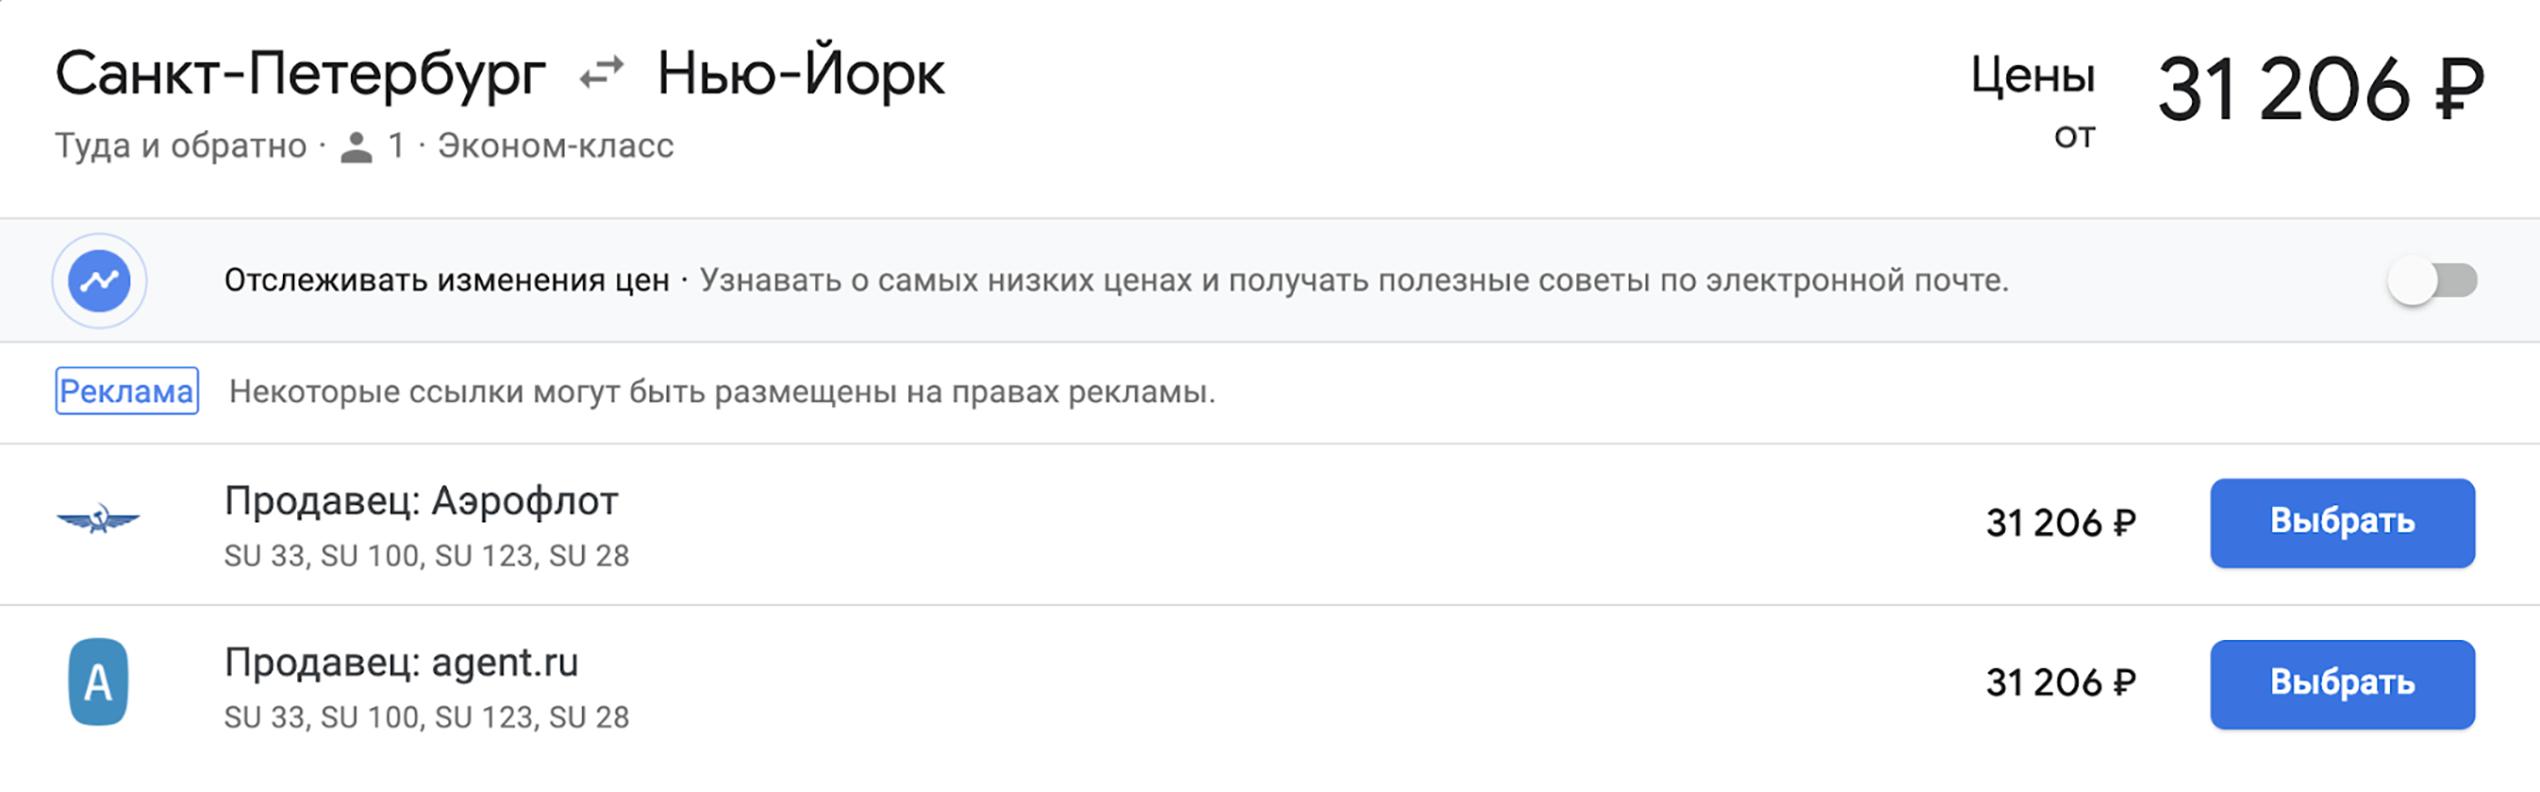 Из Санкт-Петербурга билет на те же даты стоит на 600<span class=ruble>Р</span> дороже, но перелеты есть только с пересадкой в Москве или Цюрихе